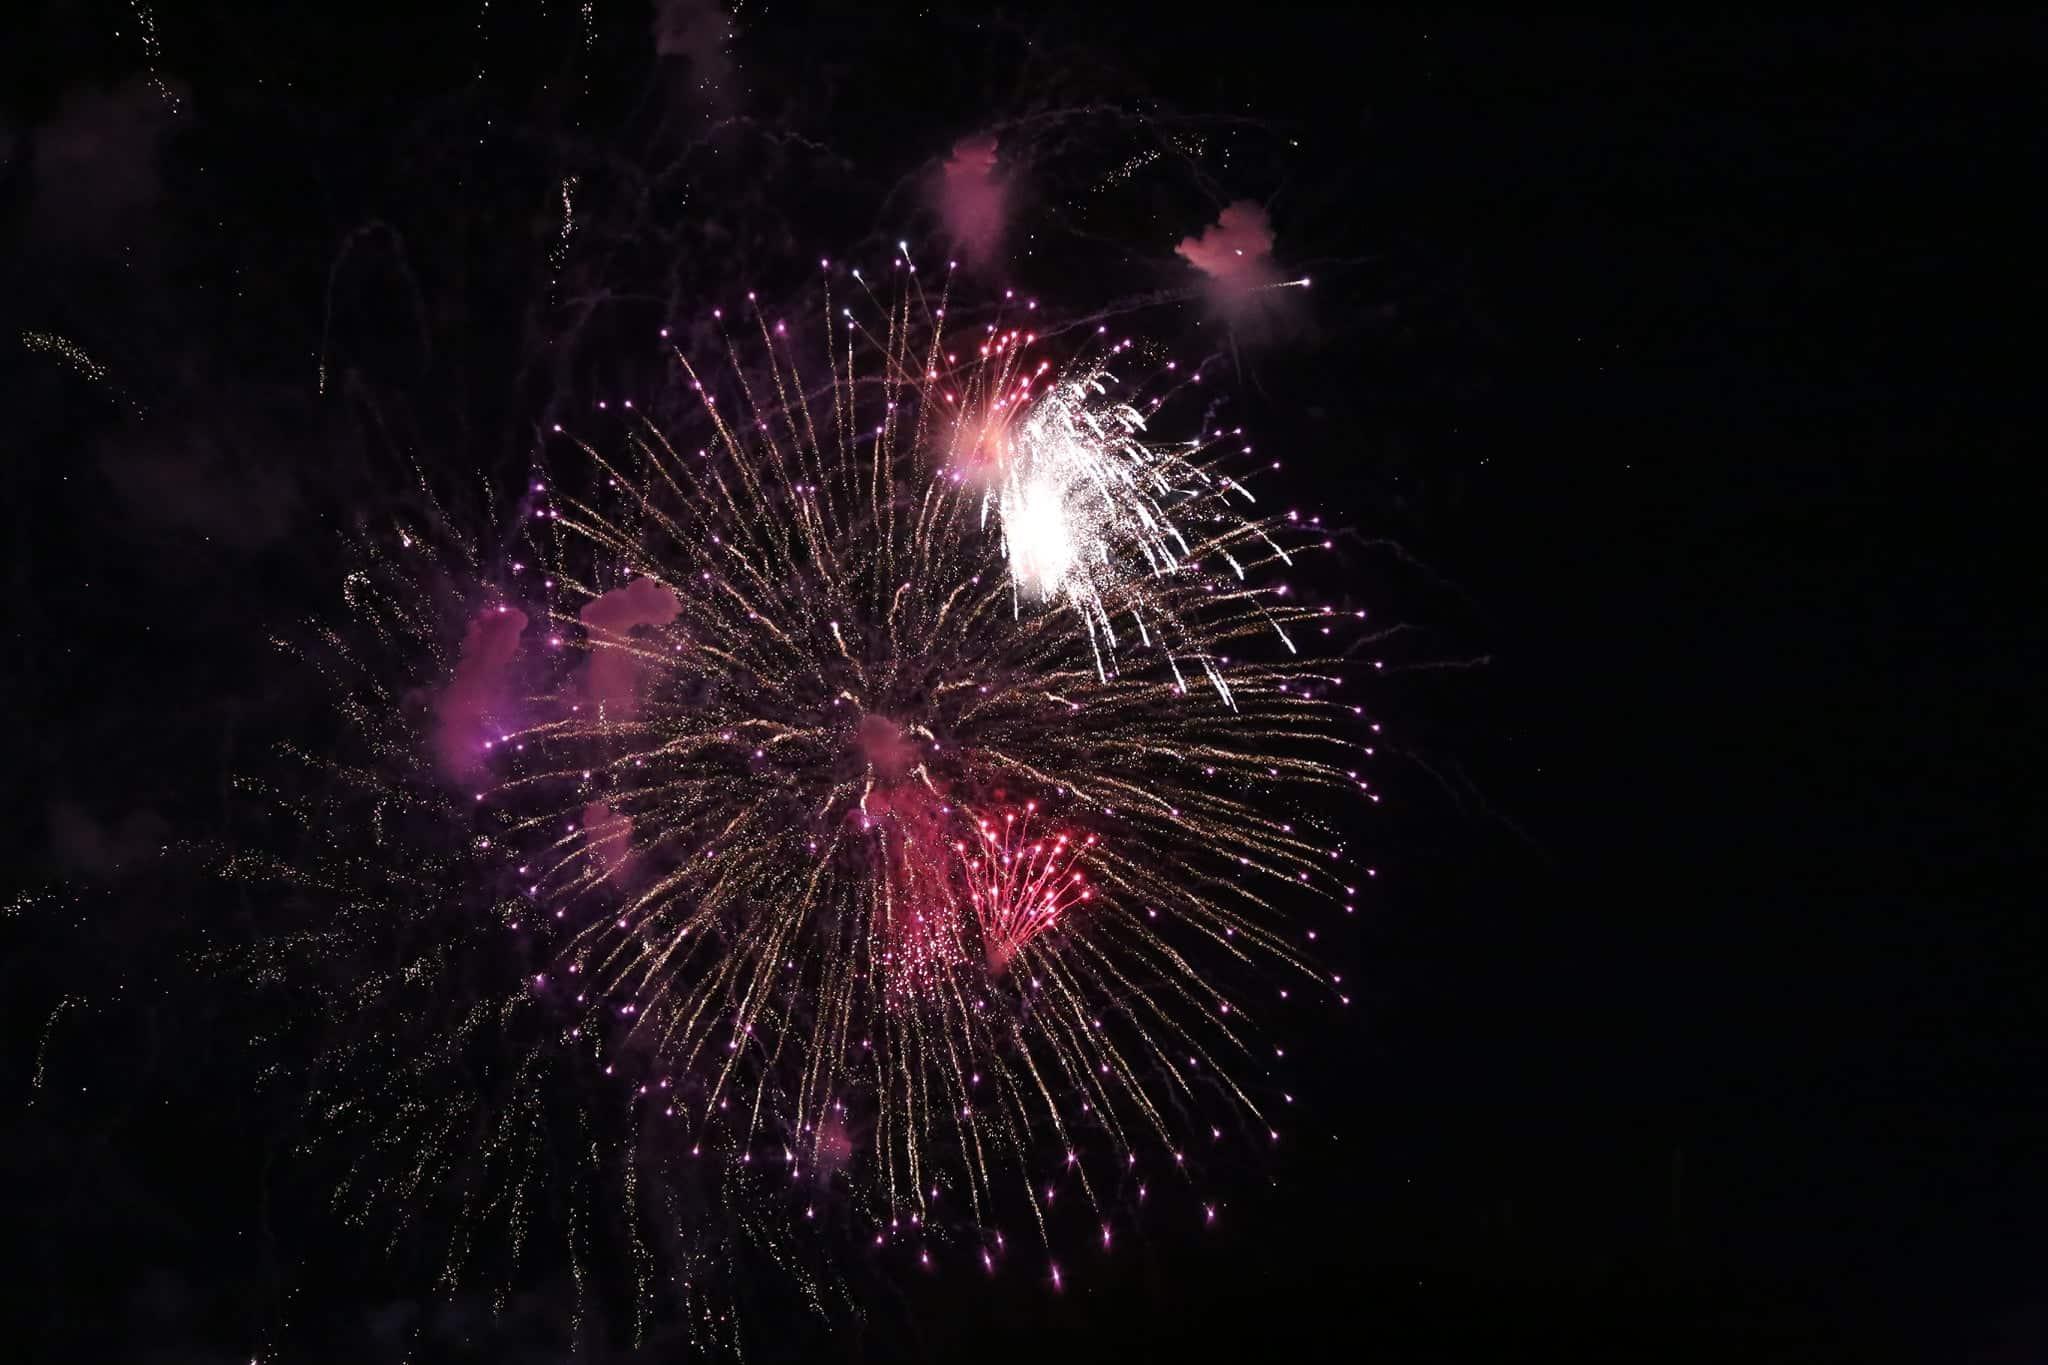 Pháo hoa rực sáng đẹp hút hồn trên bầu trời Sài Gòn, ngàn người vỗ tay tán thưởng - 5